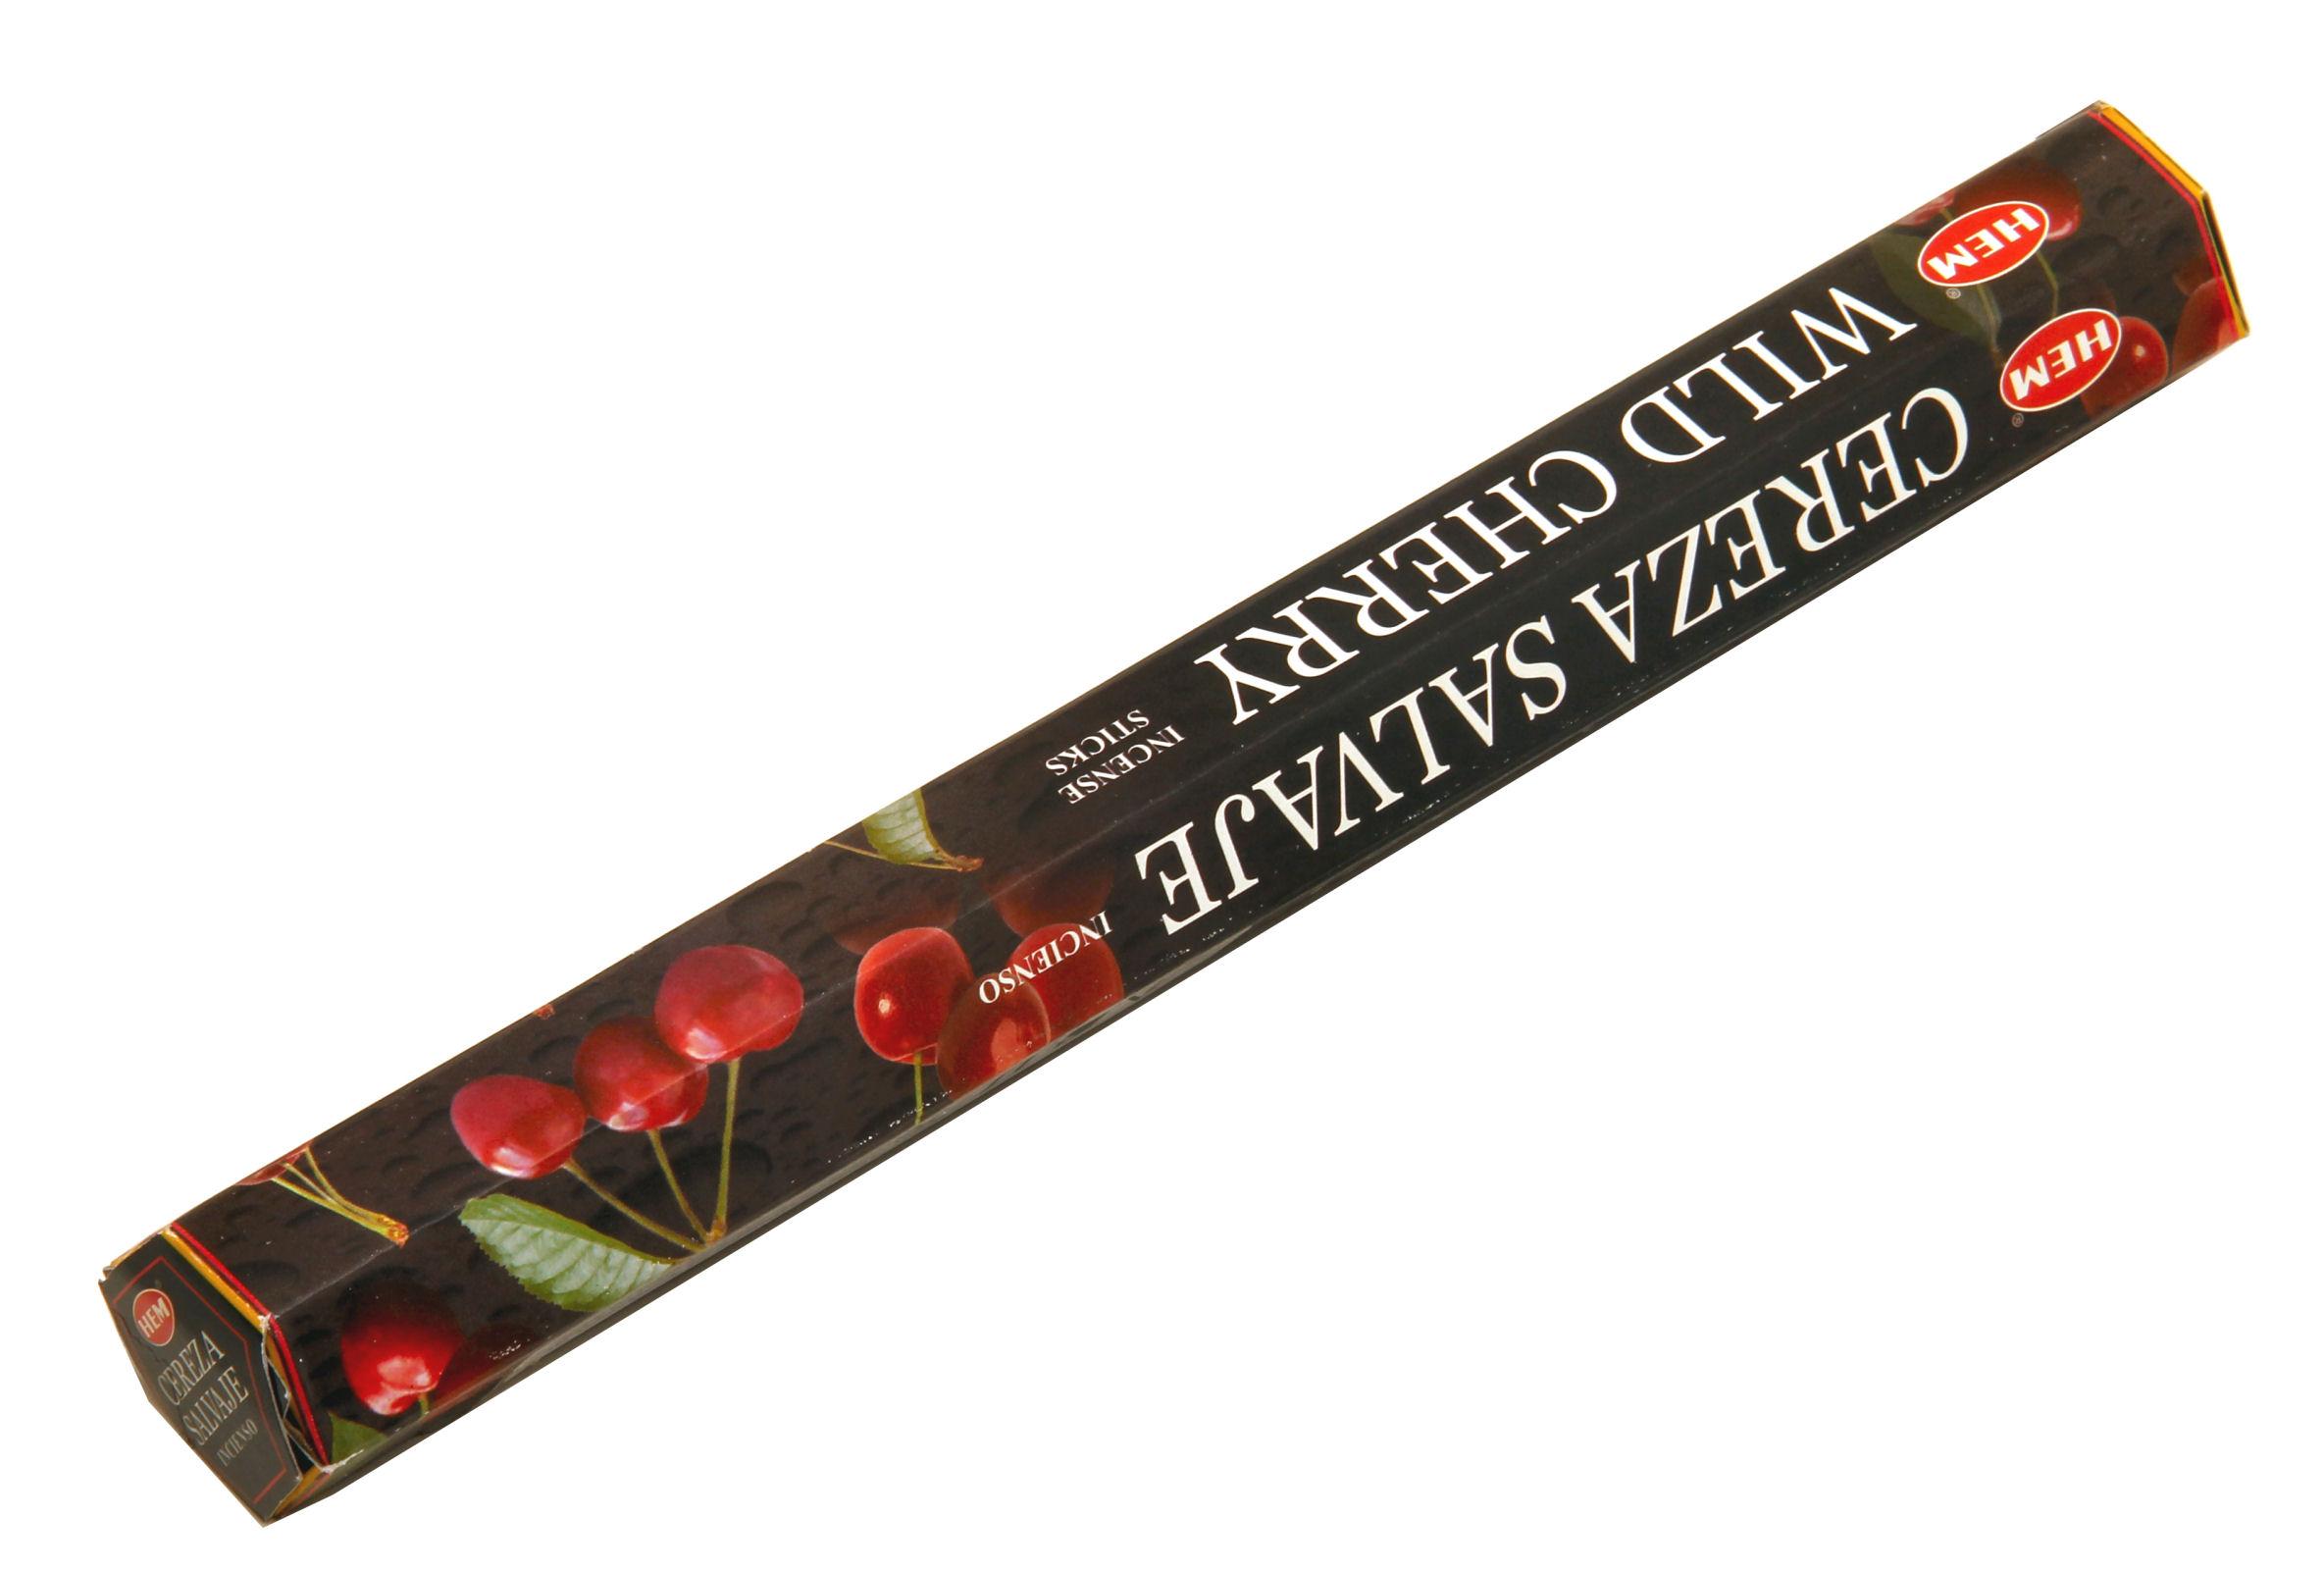 HEM Räucherstäbchen Wild Cherry 20g Hexa Packung  Ca. 20 Incence Sticks